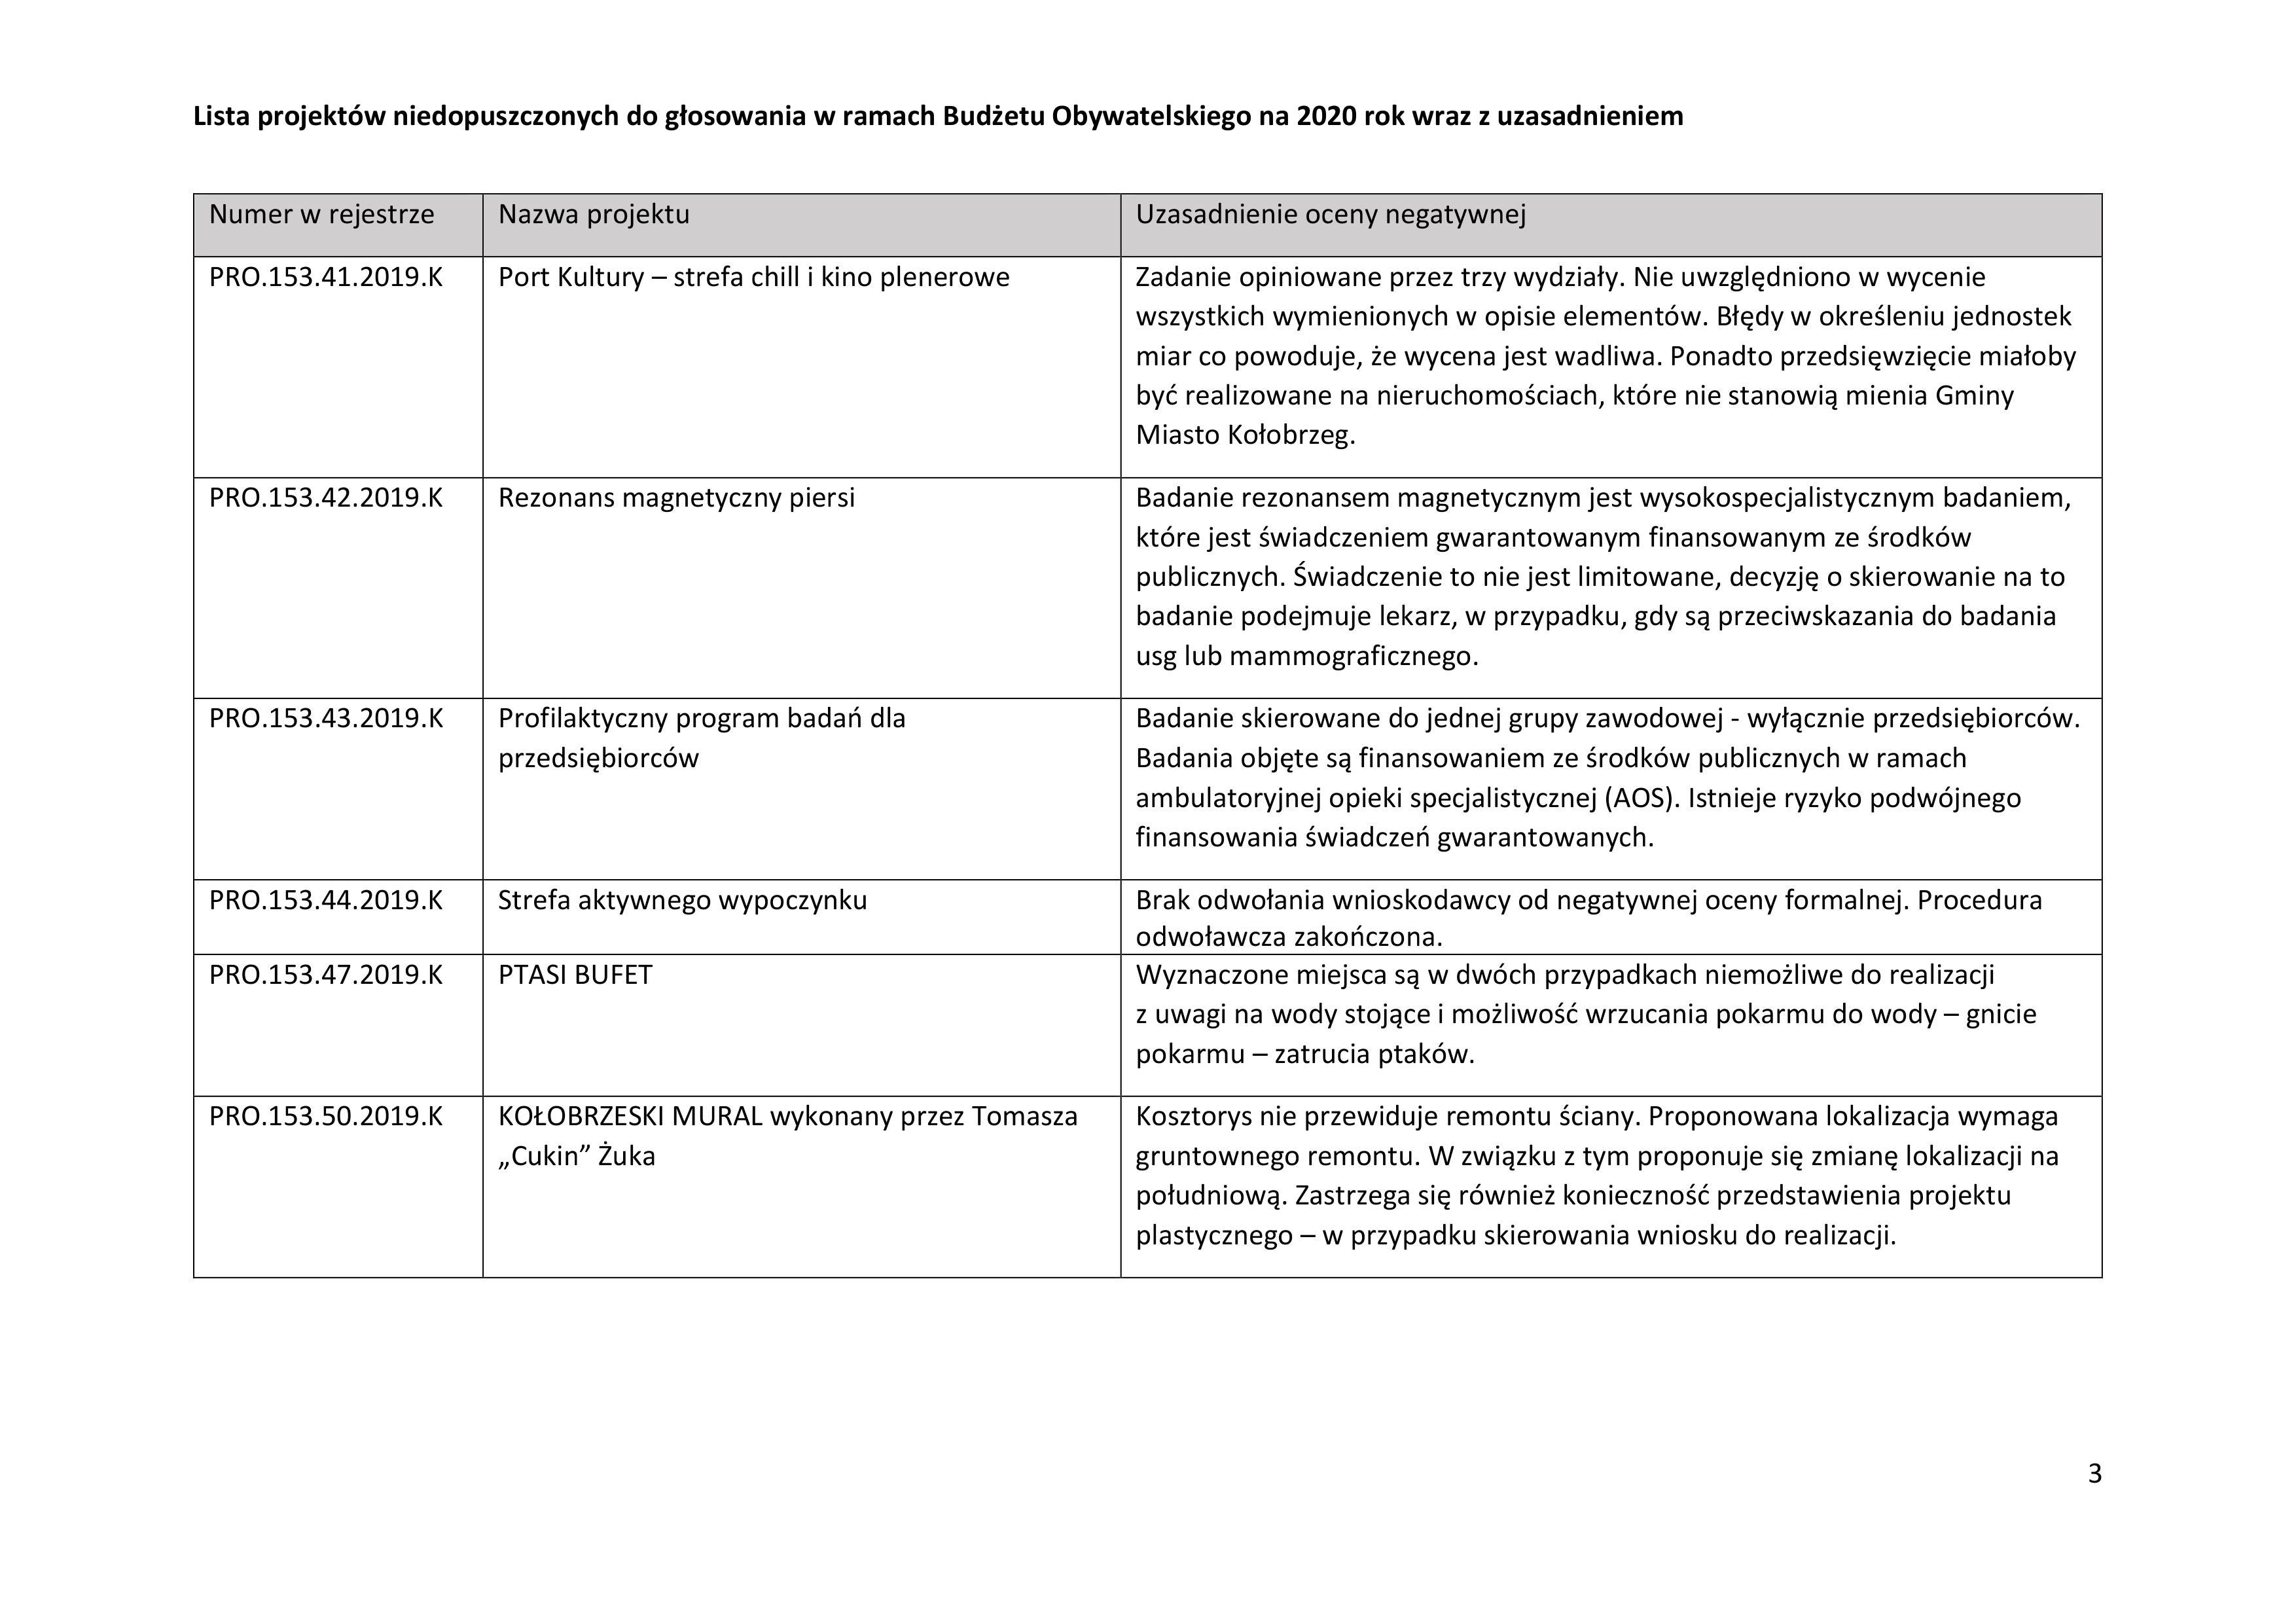 niedo2 1 - Jakie projekty wpłynęły do Budżetu Obywatelskiego? Jest m.in. Jadłodzielnia i interaktywny plac zabaw przy Frankowskiego (lista)